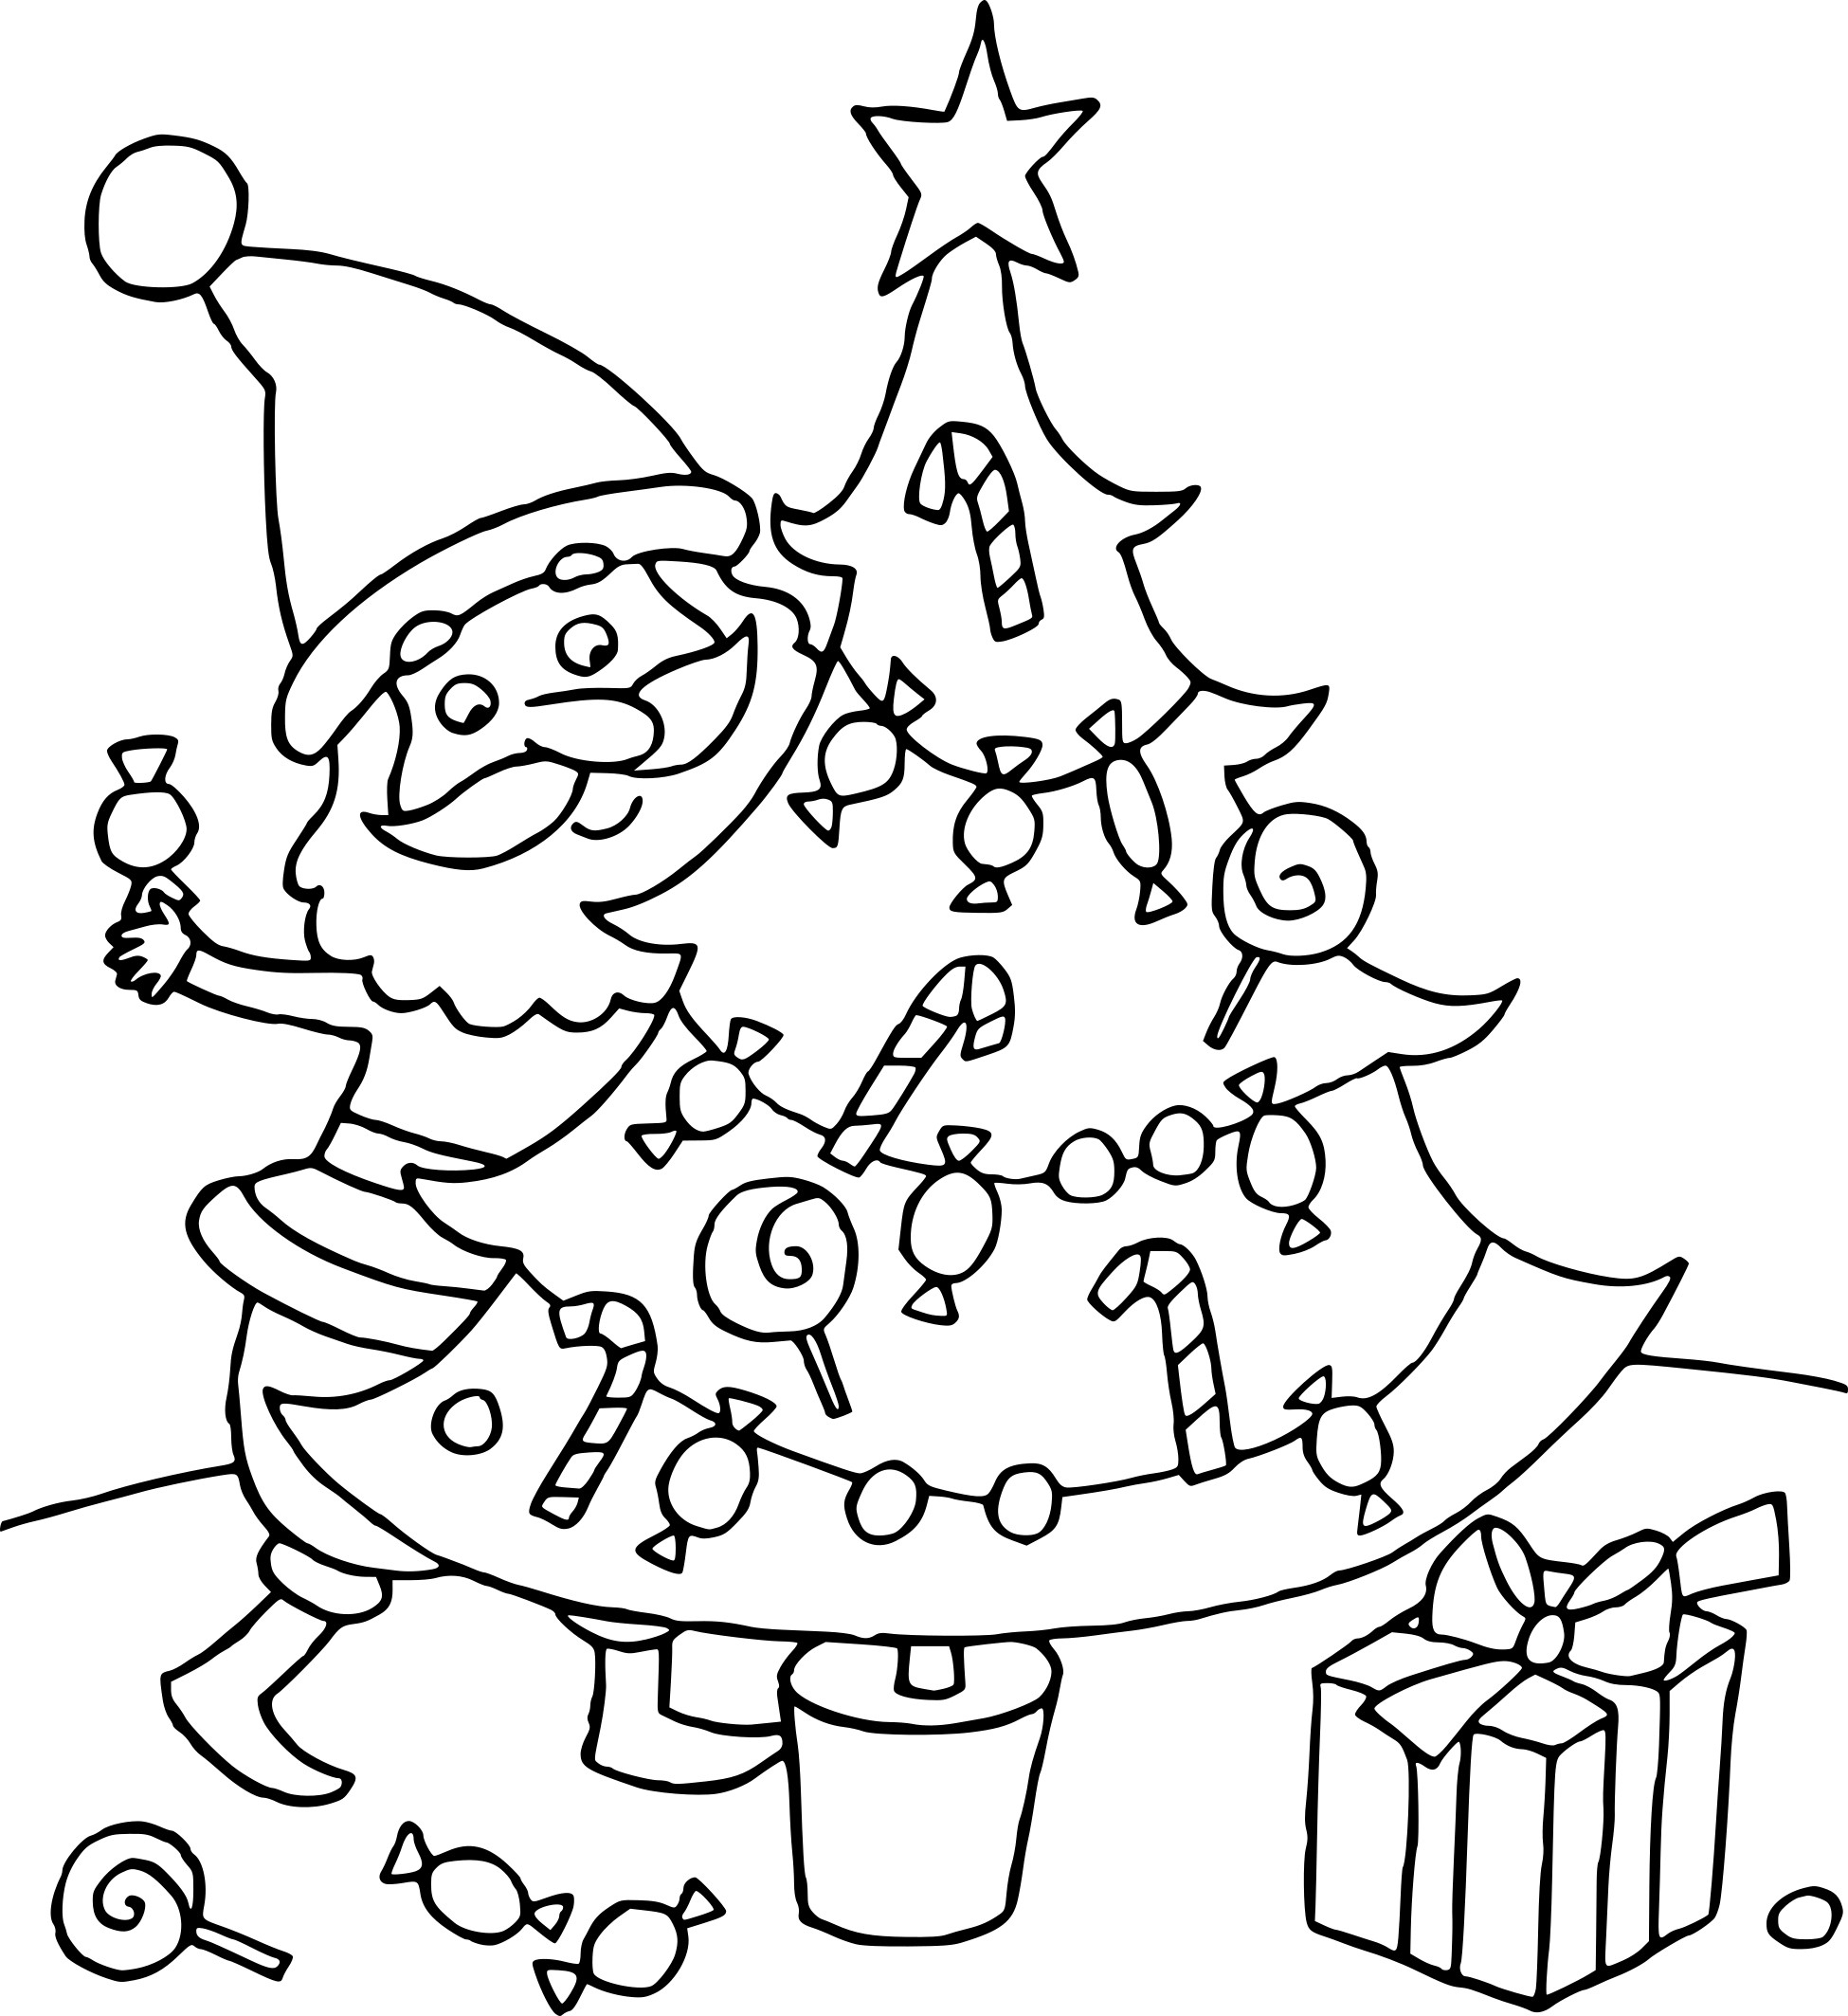 Coloriage Sapin De Noel Et Pere Noel À Imprimer intérieur Coloriage De Sapin De Noel A Imprimer Gratuit